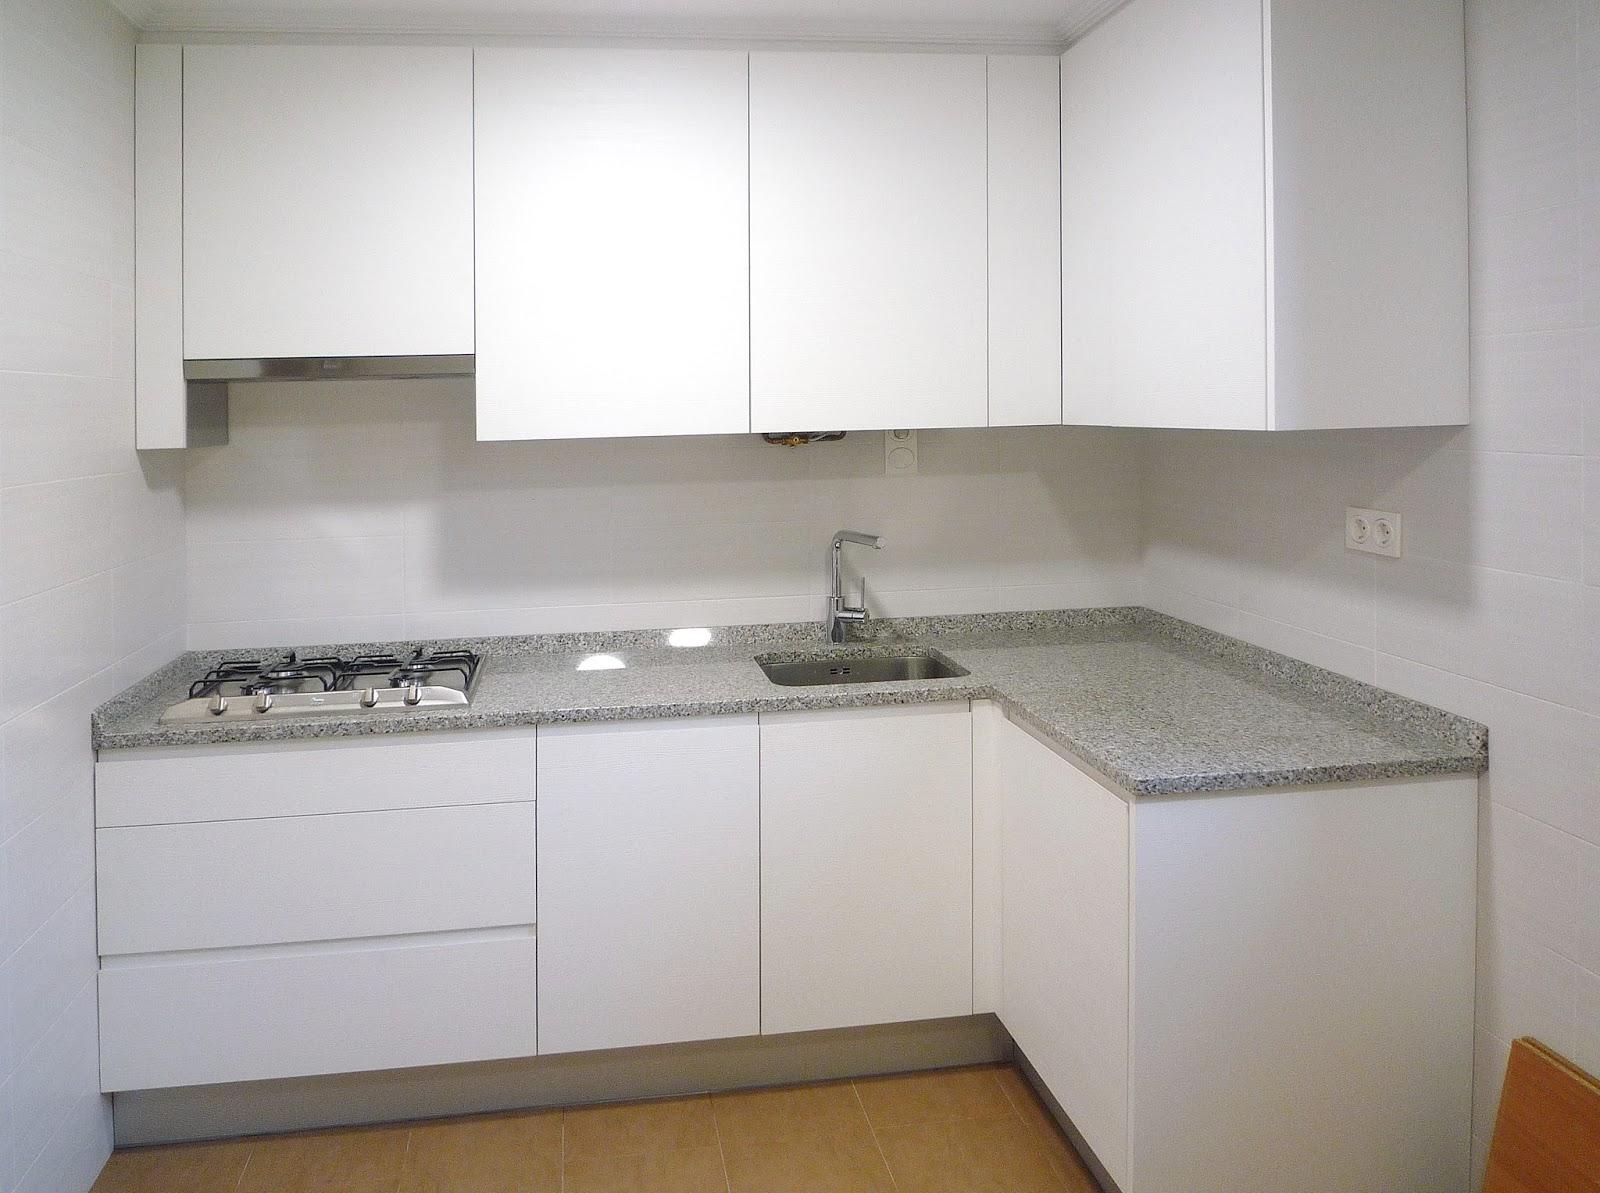 Cocina blanca sin tirador - Tiradores y pomos para muebles ...